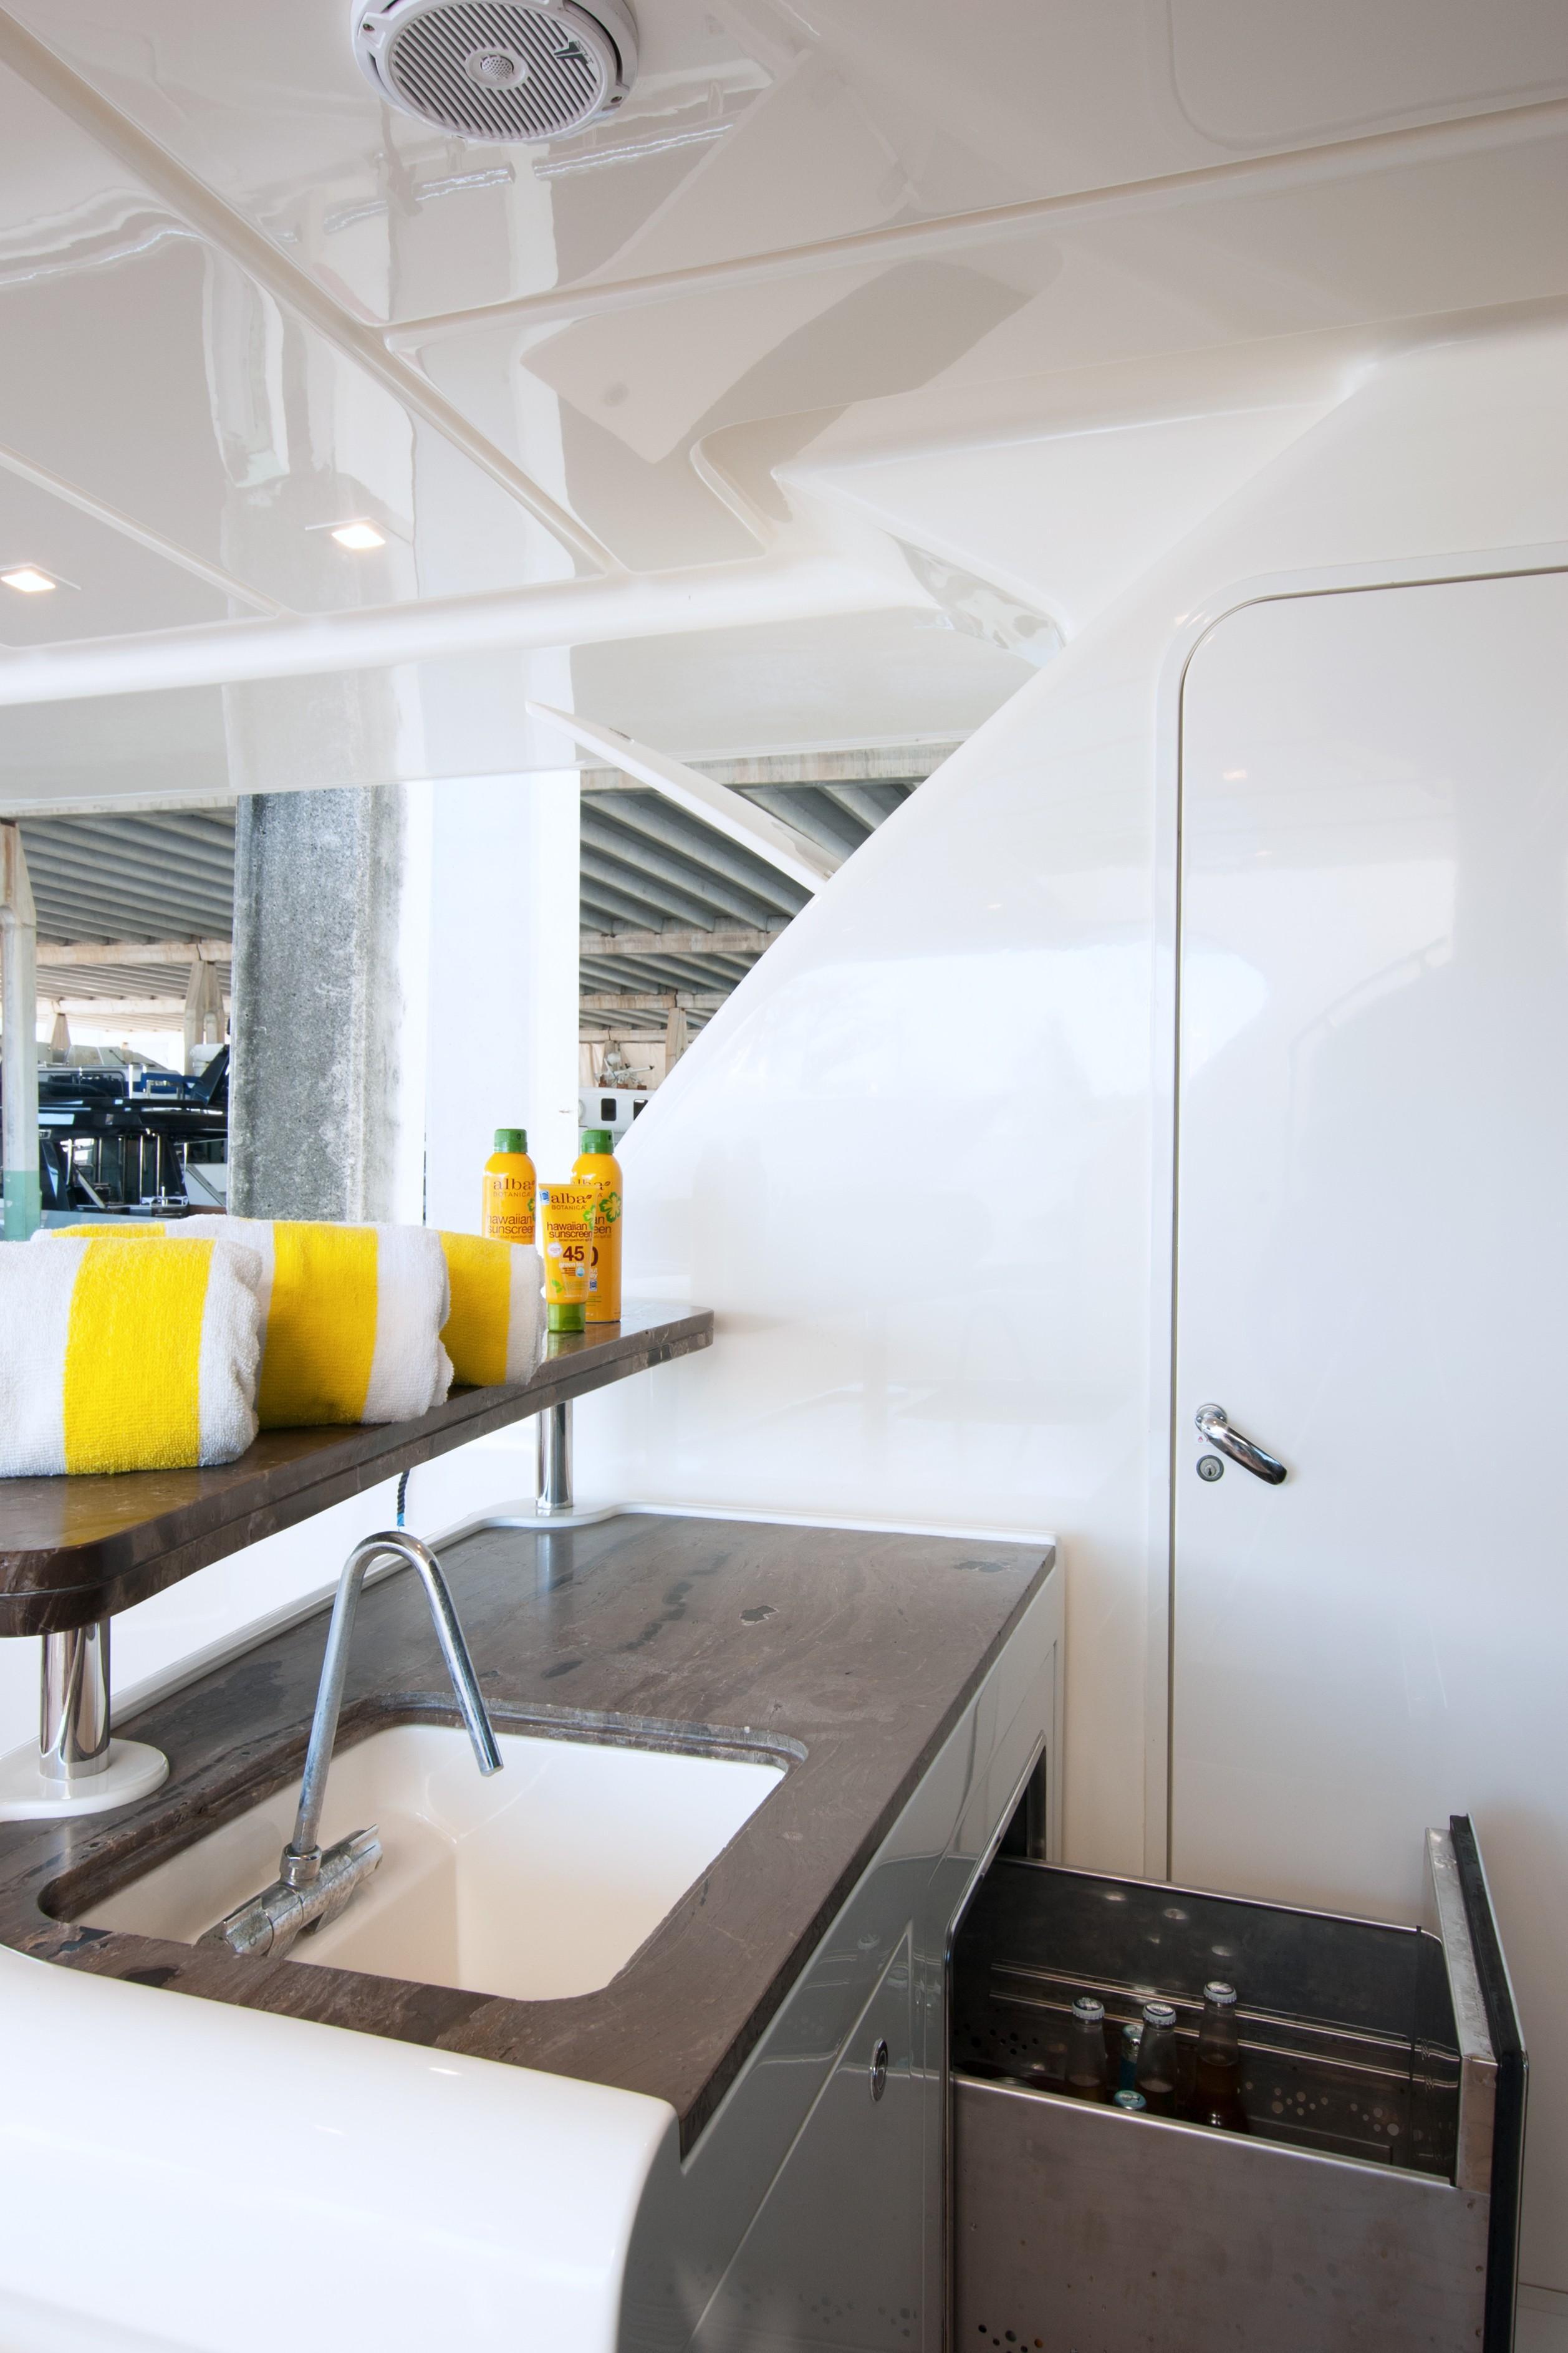 2014 870 Ferretti - Aft Deck Bar